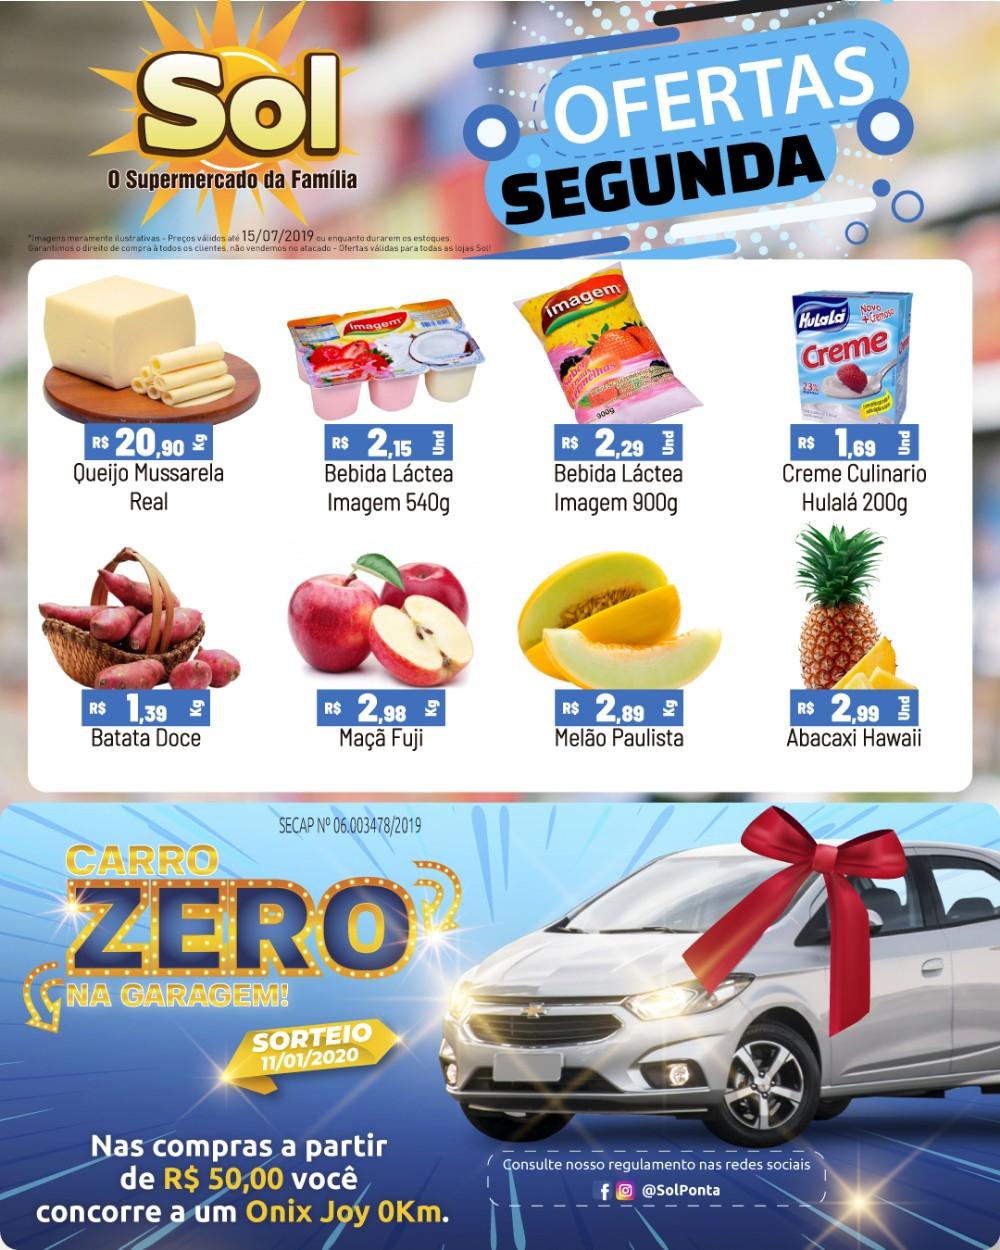 Compre no Supermercado Sol em suas ofertas da segunda-feira e concorra a um carro 0 km